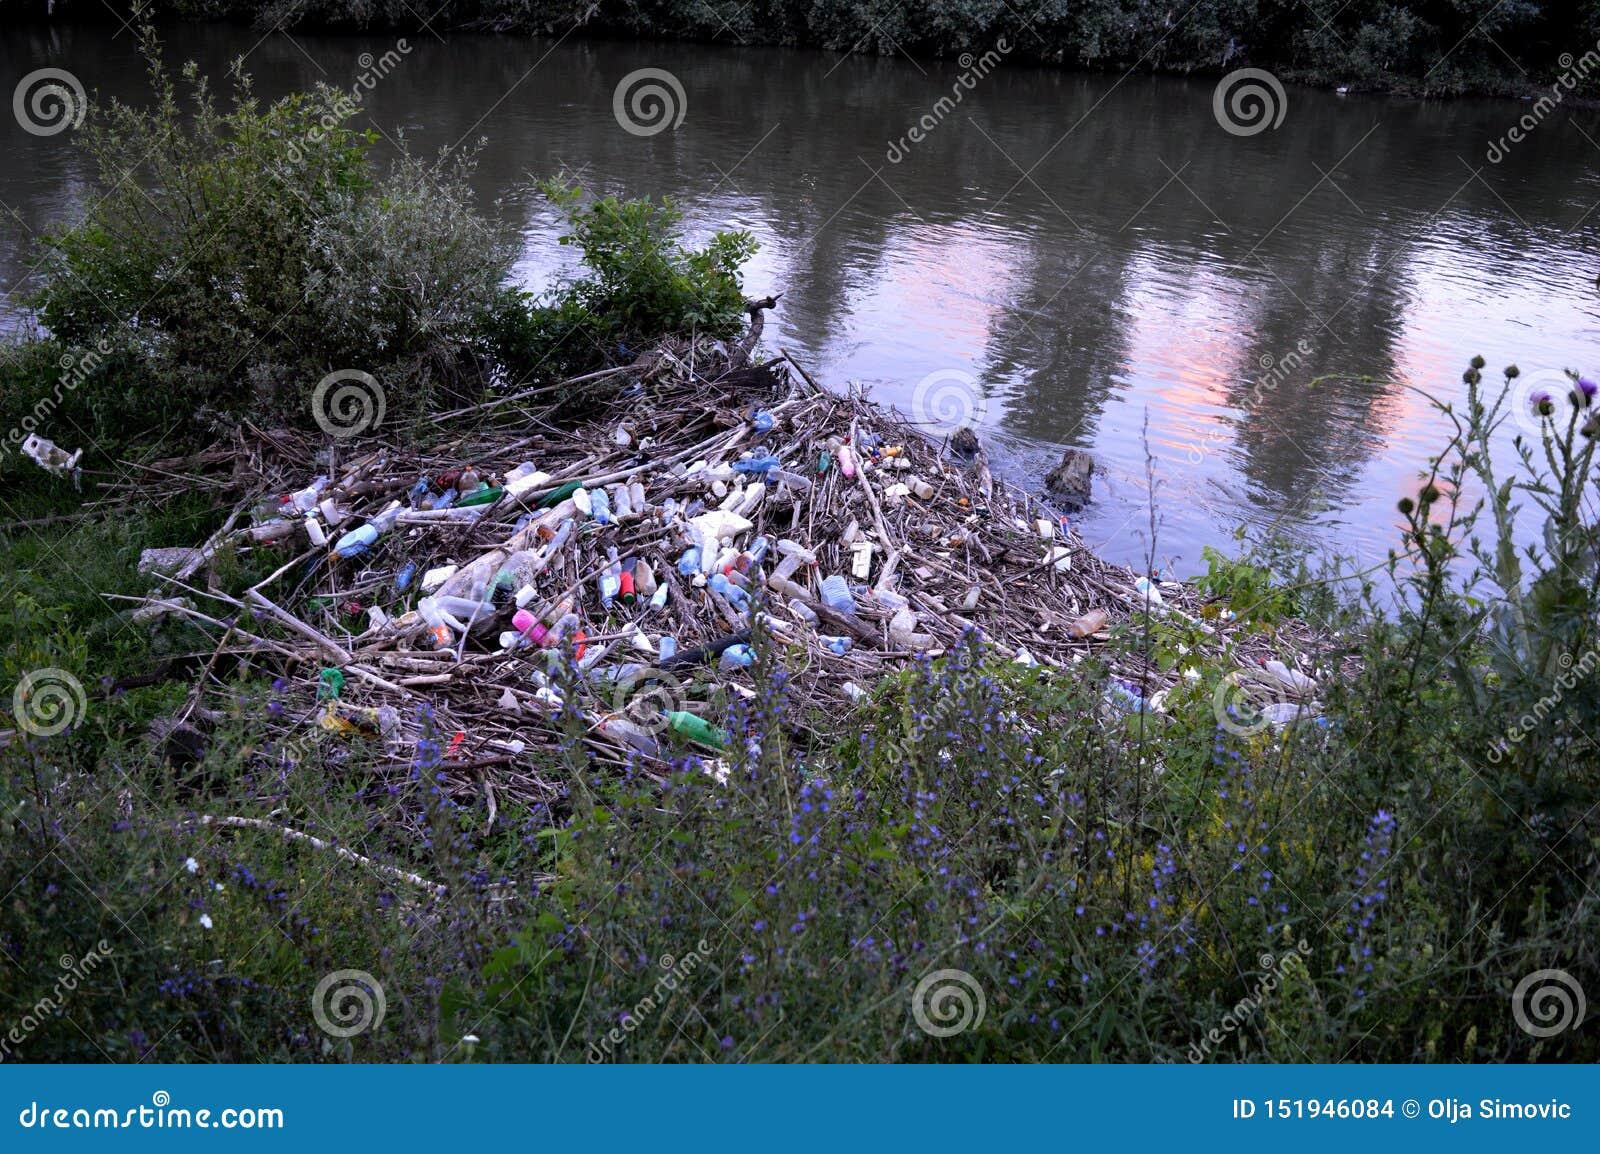 Разнообразие погани рекой